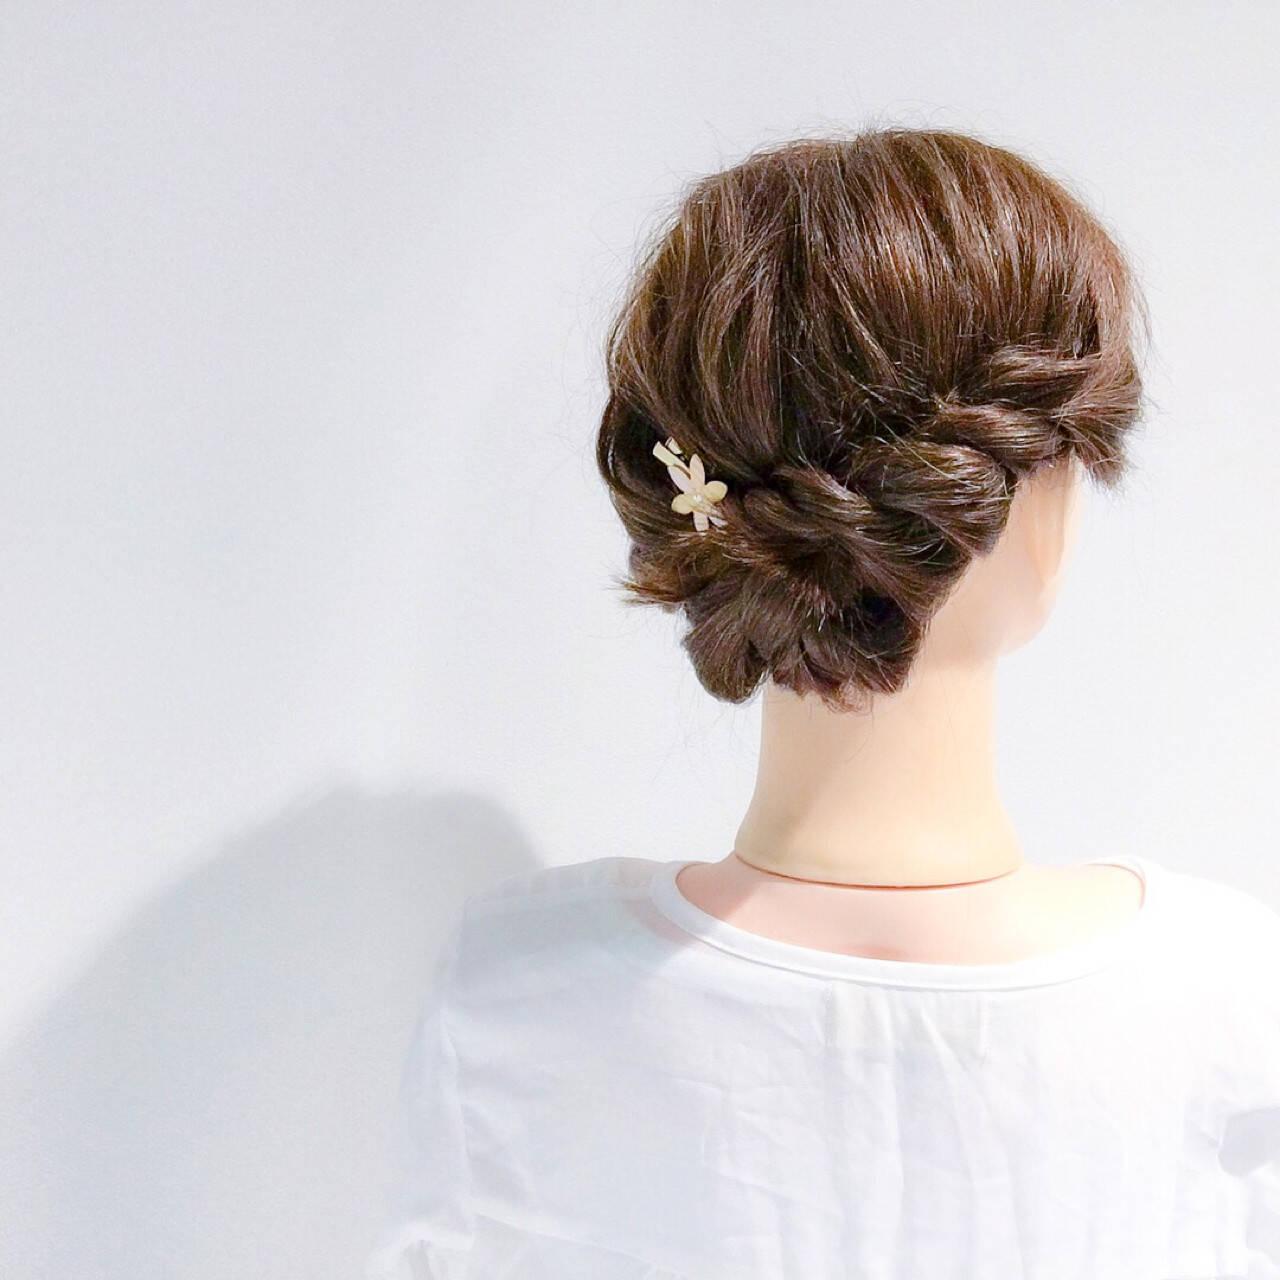 エレガント デート 結婚式 簡単ヘアアレンジヘアスタイルや髪型の写真・画像